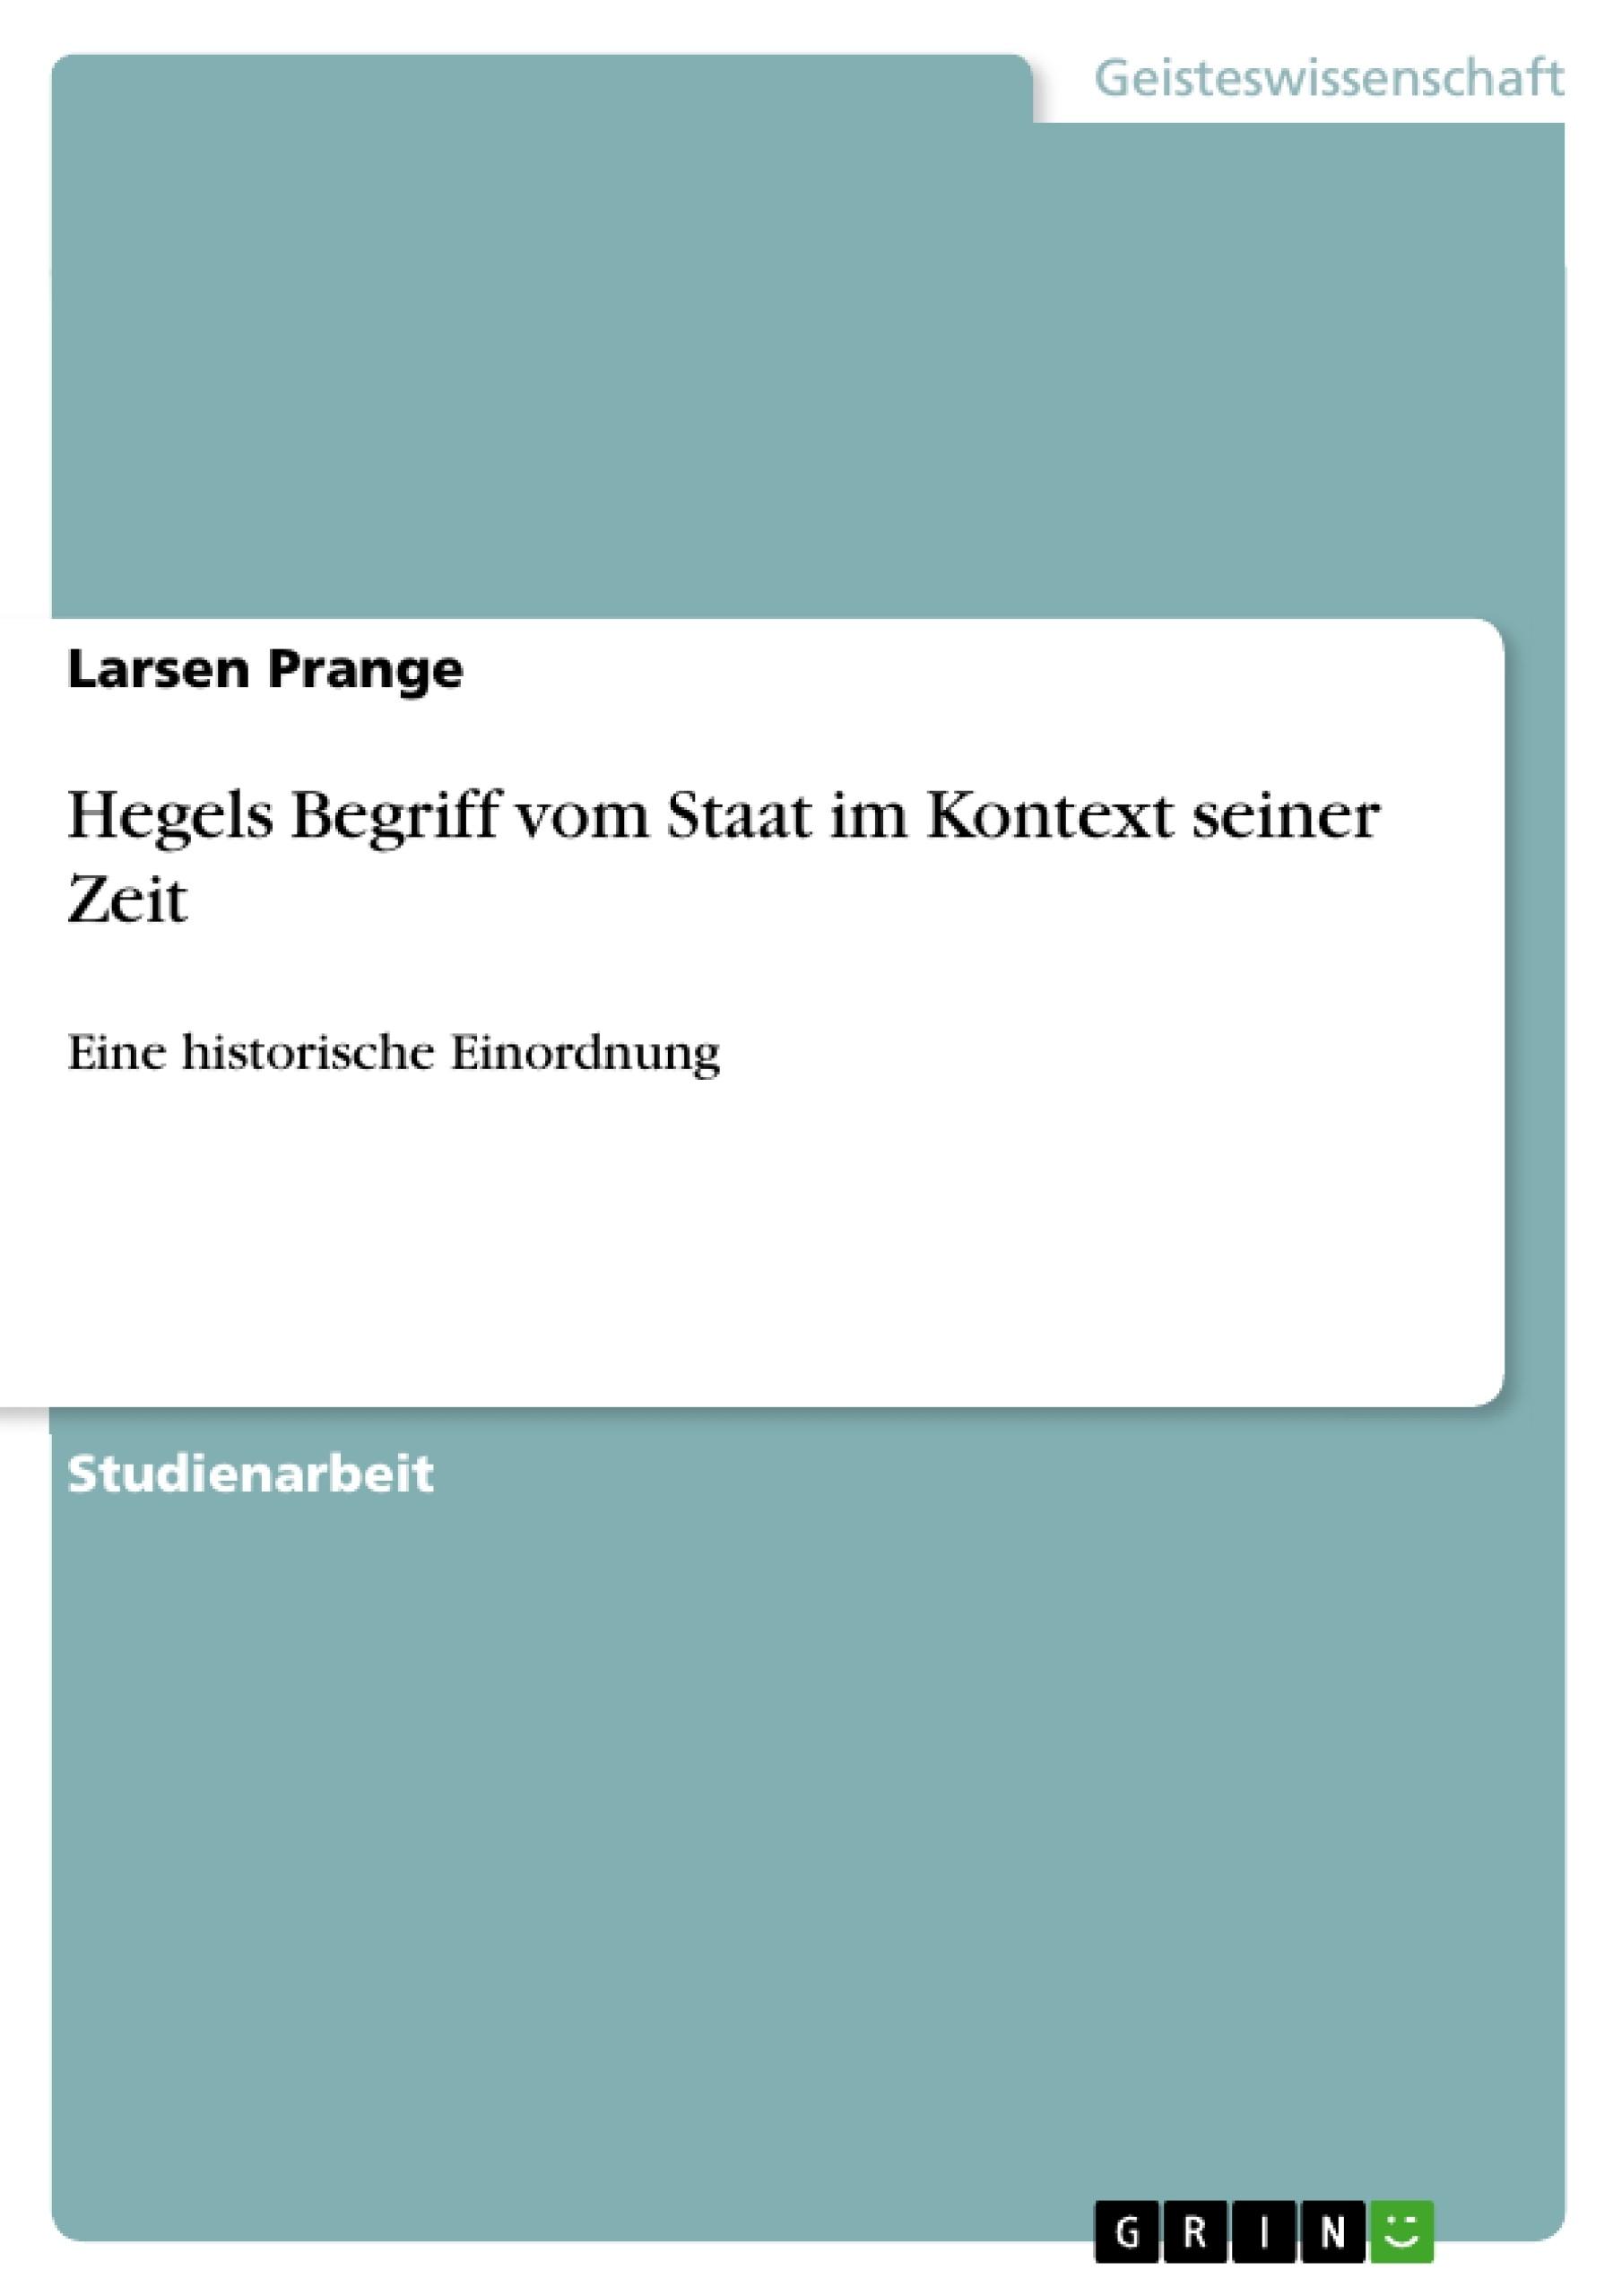 Titel: Hegels Begriff vom Staat im Kontext seiner Zeit